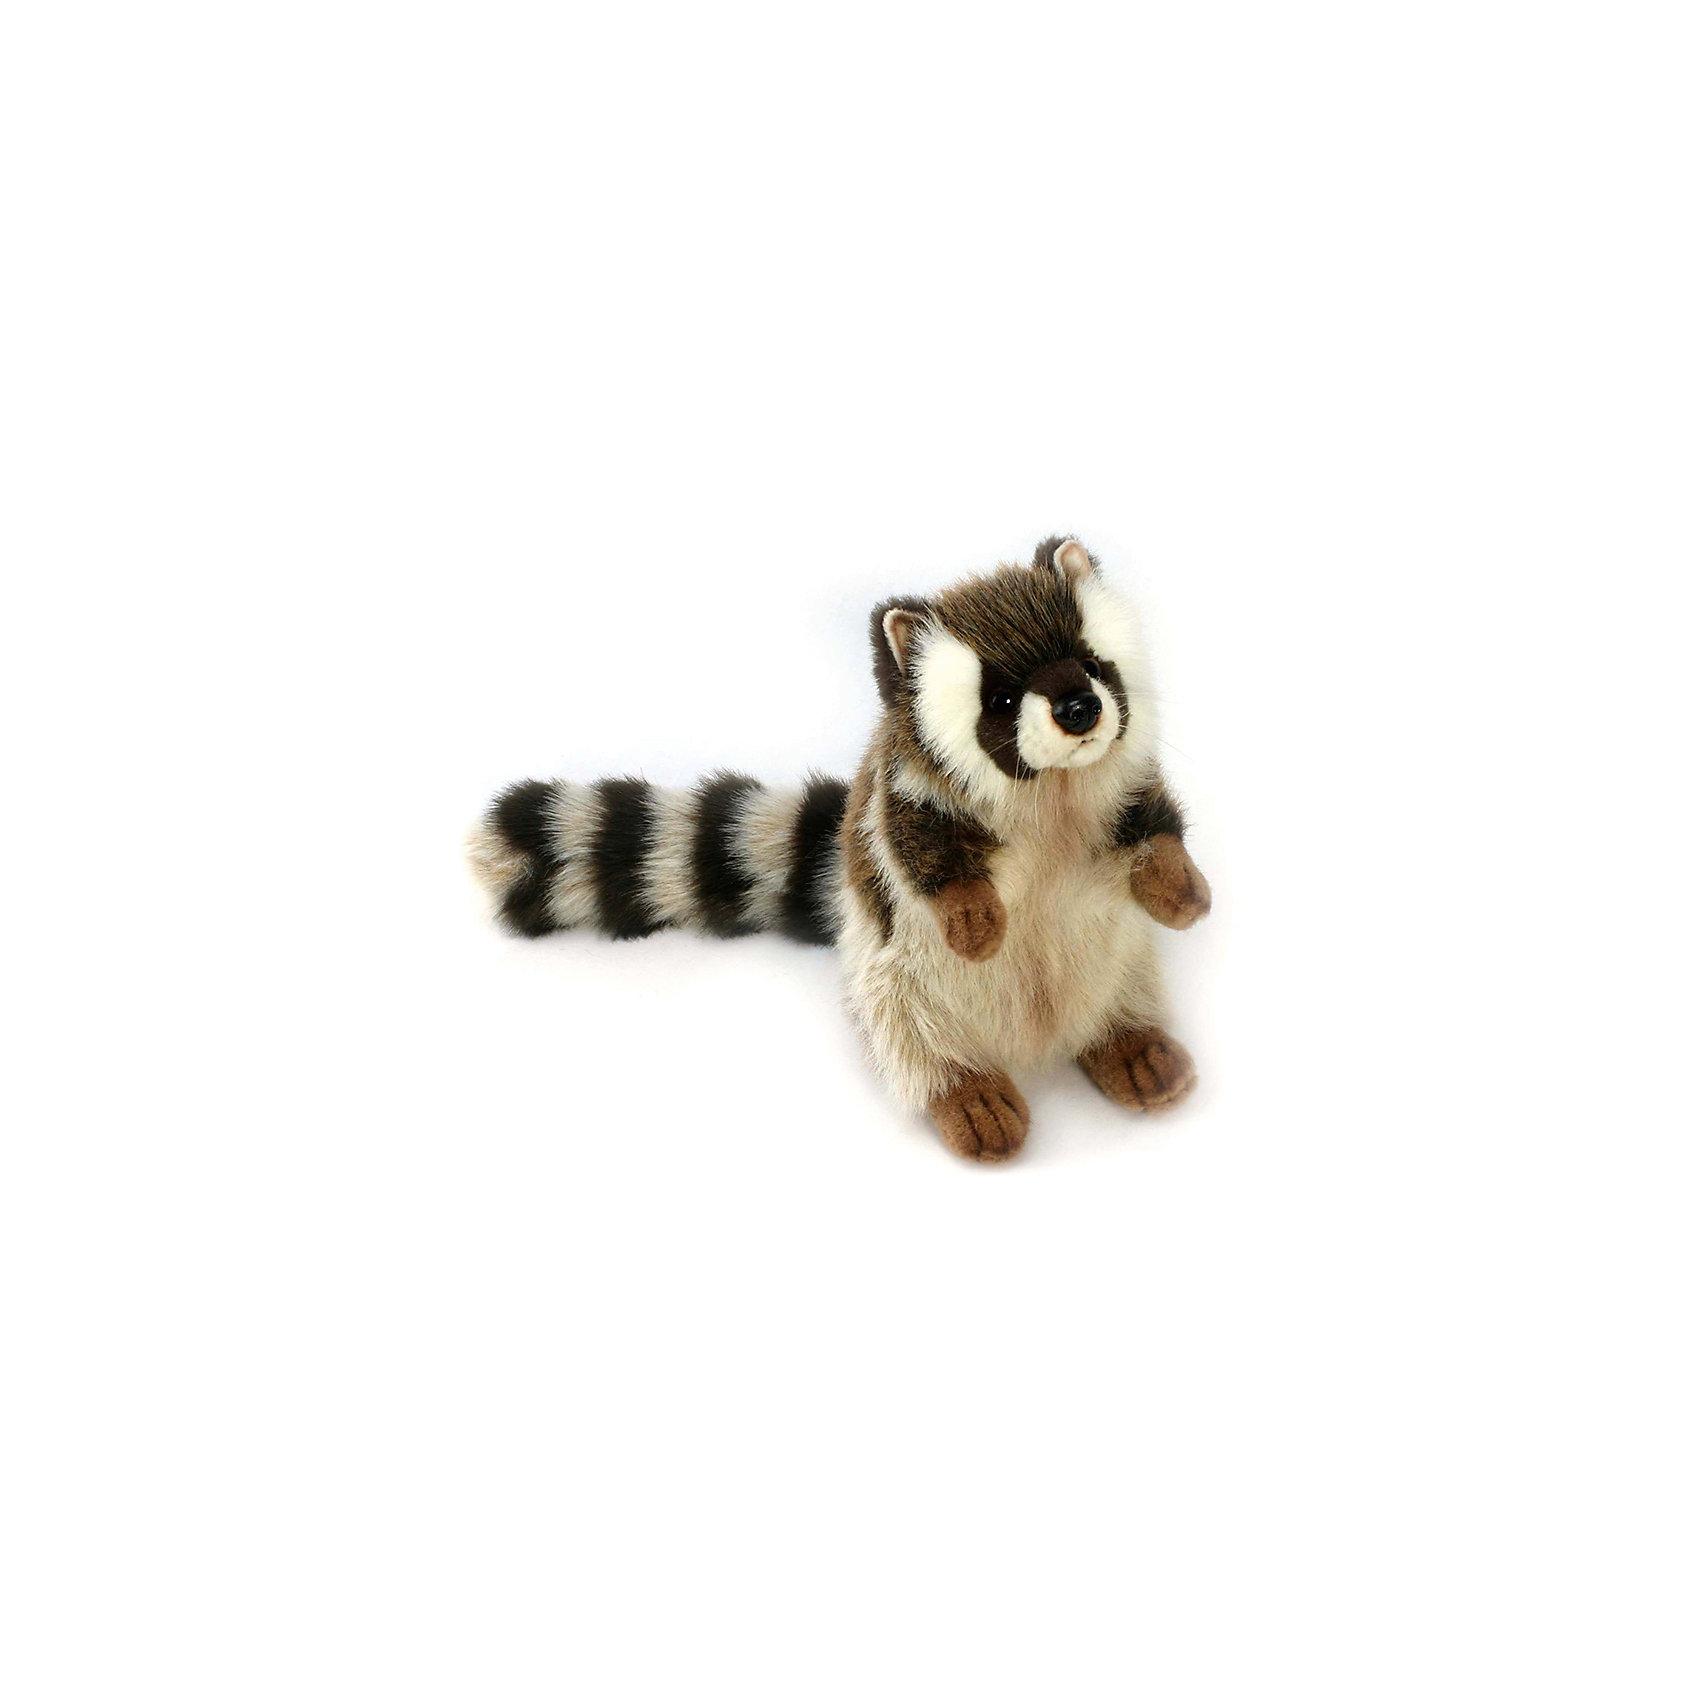 Мягкая игрушка Hansa Енот стоящий, 47 смМягкие игрушки животные<br>Характеристики товара:<br><br>• возраст: от 3 лет;<br>• материал: искусственный мех;<br>• высота игрушки: 47 см;<br>• размер упаковки: 22,5х18,5х3,5 см;<br>• вес упаковки: 120 гр.;<br>• страна производитель: Филиппины.<br><br>Мягкая игрушка Енот стоящий Hansa 47 см — очаровательный зверек с маленькими глазками-пуговками и пушистым хвостиком, который станет для ребенка любимым домашним питомцем. Игрушку можно брать с собой на прогулку, в детский садик, в гости и устраивать вместе с друзьями веселые игры. <br><br>Внутри проходит титановый каркас, который позволяет менять положение лап, туловища, поворачивать голову. Игрушка сделана из качественных безопасных материалов.<br><br>Мягкую игрушку Енот стоящий Hansa 47 см можно приобрести в нашем интернет-магазине.<br><br>Ширина мм: 185<br>Глубина мм: 35<br>Высота мм: 225<br>Вес г: 120<br>Возраст от месяцев: 36<br>Возраст до месяцев: 2147483647<br>Пол: Унисекс<br>Возраст: Детский<br>SKU: 6680719